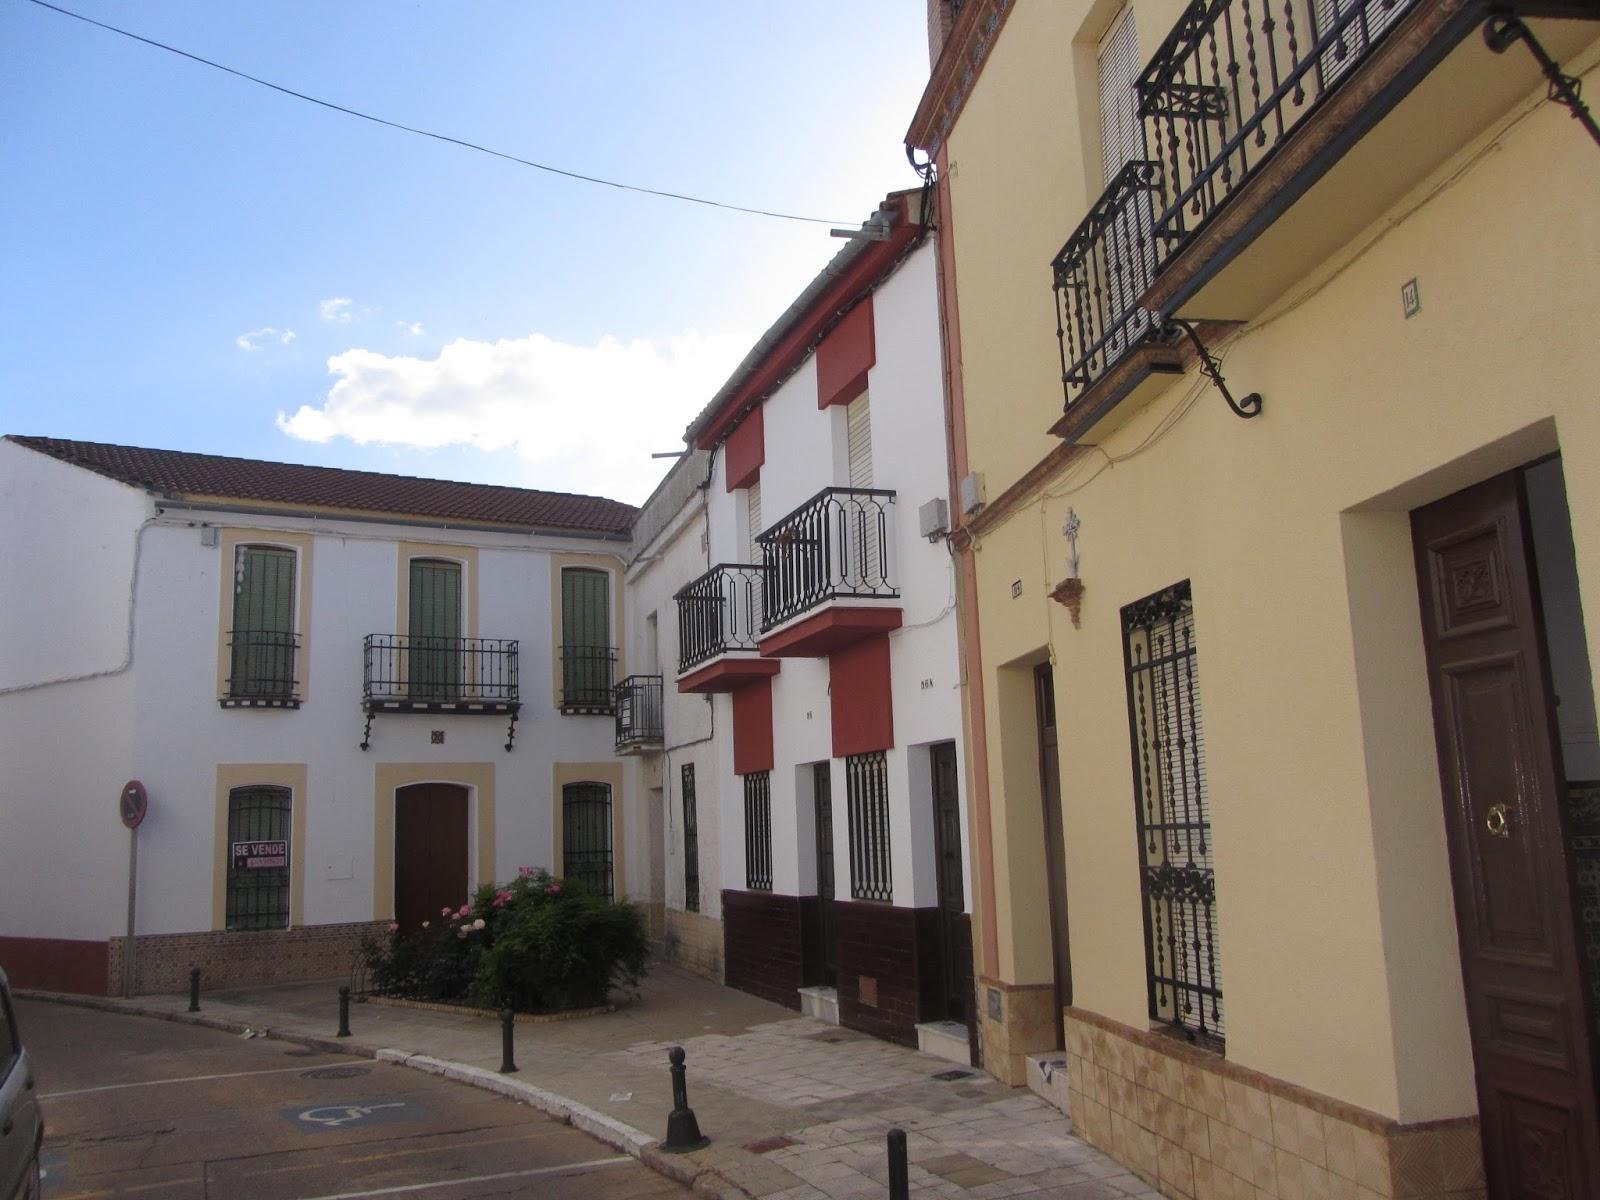 Valverde del camino historia y patrimonio for Calle prado camacho 8